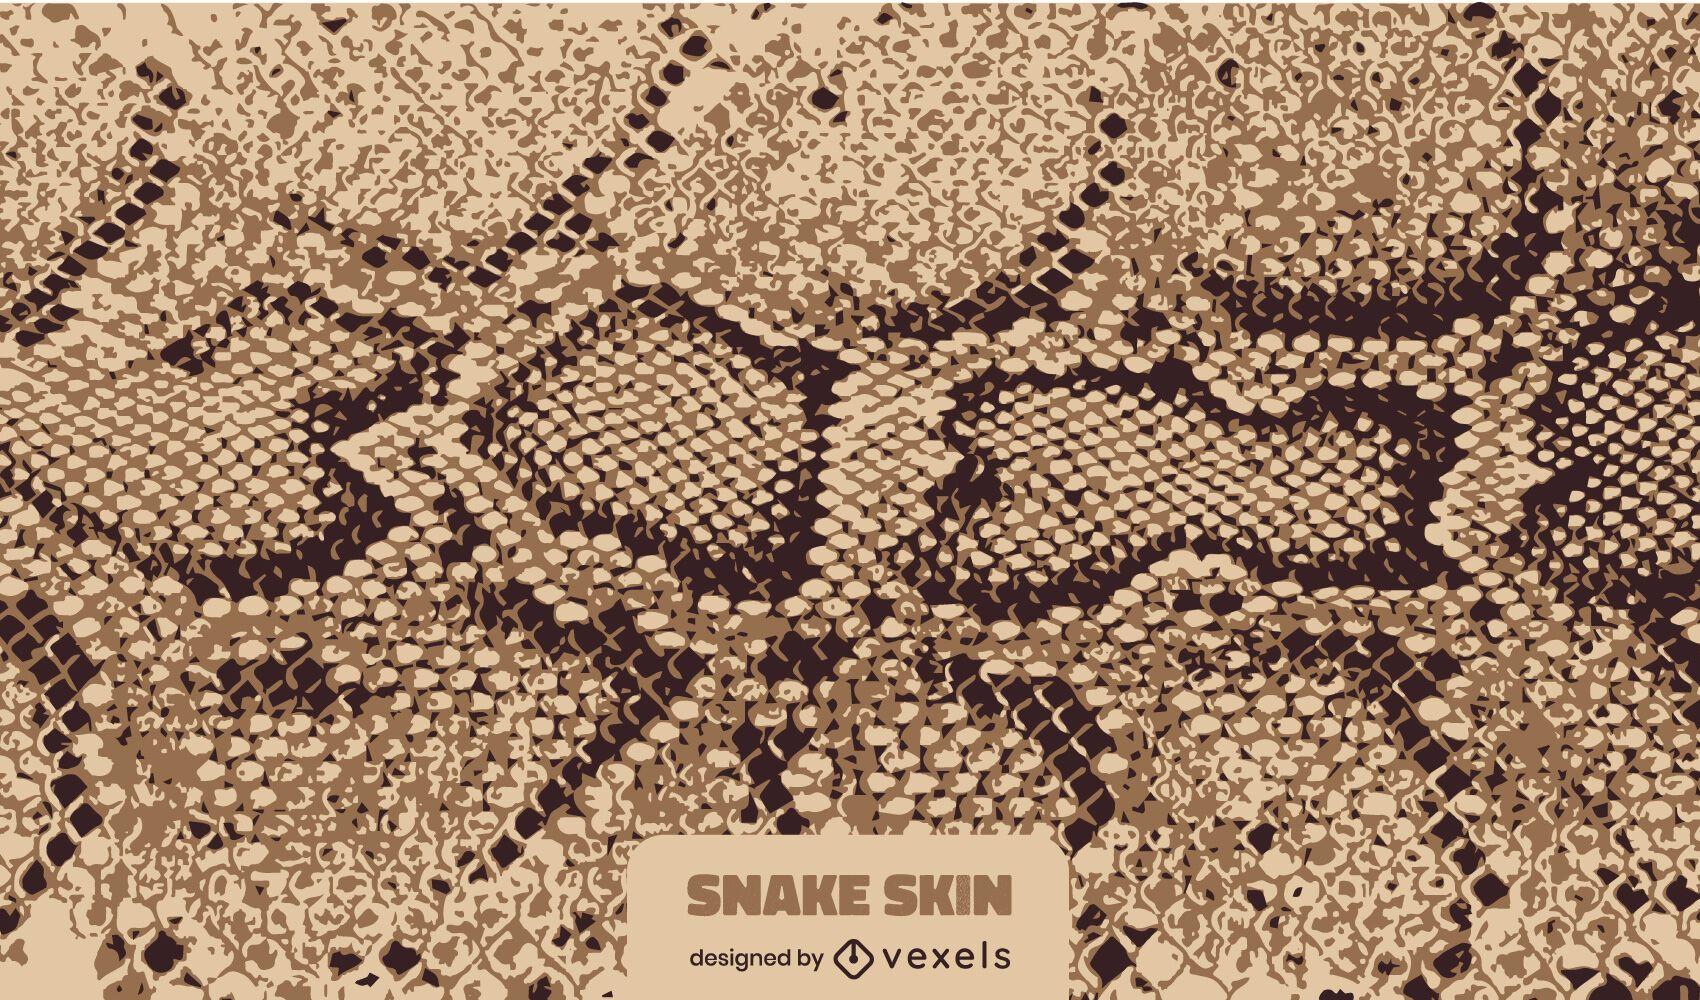 Diseño de textura de piel de serpiente de arena